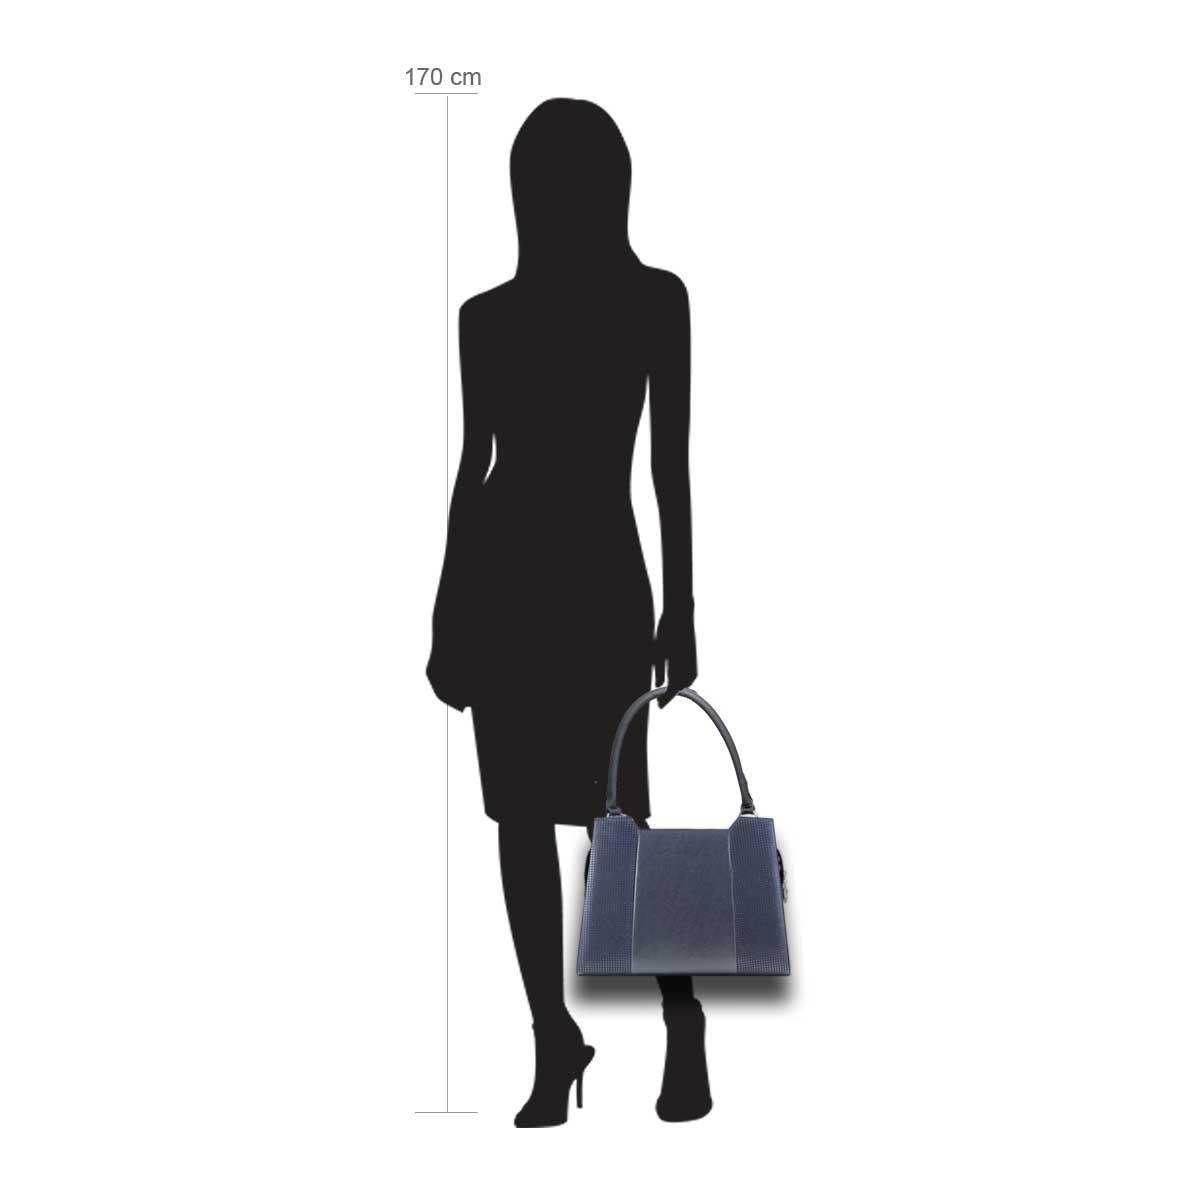 Puppe 170 cm groß zeigt die Taschengröße an . Modell: Korsika Blau